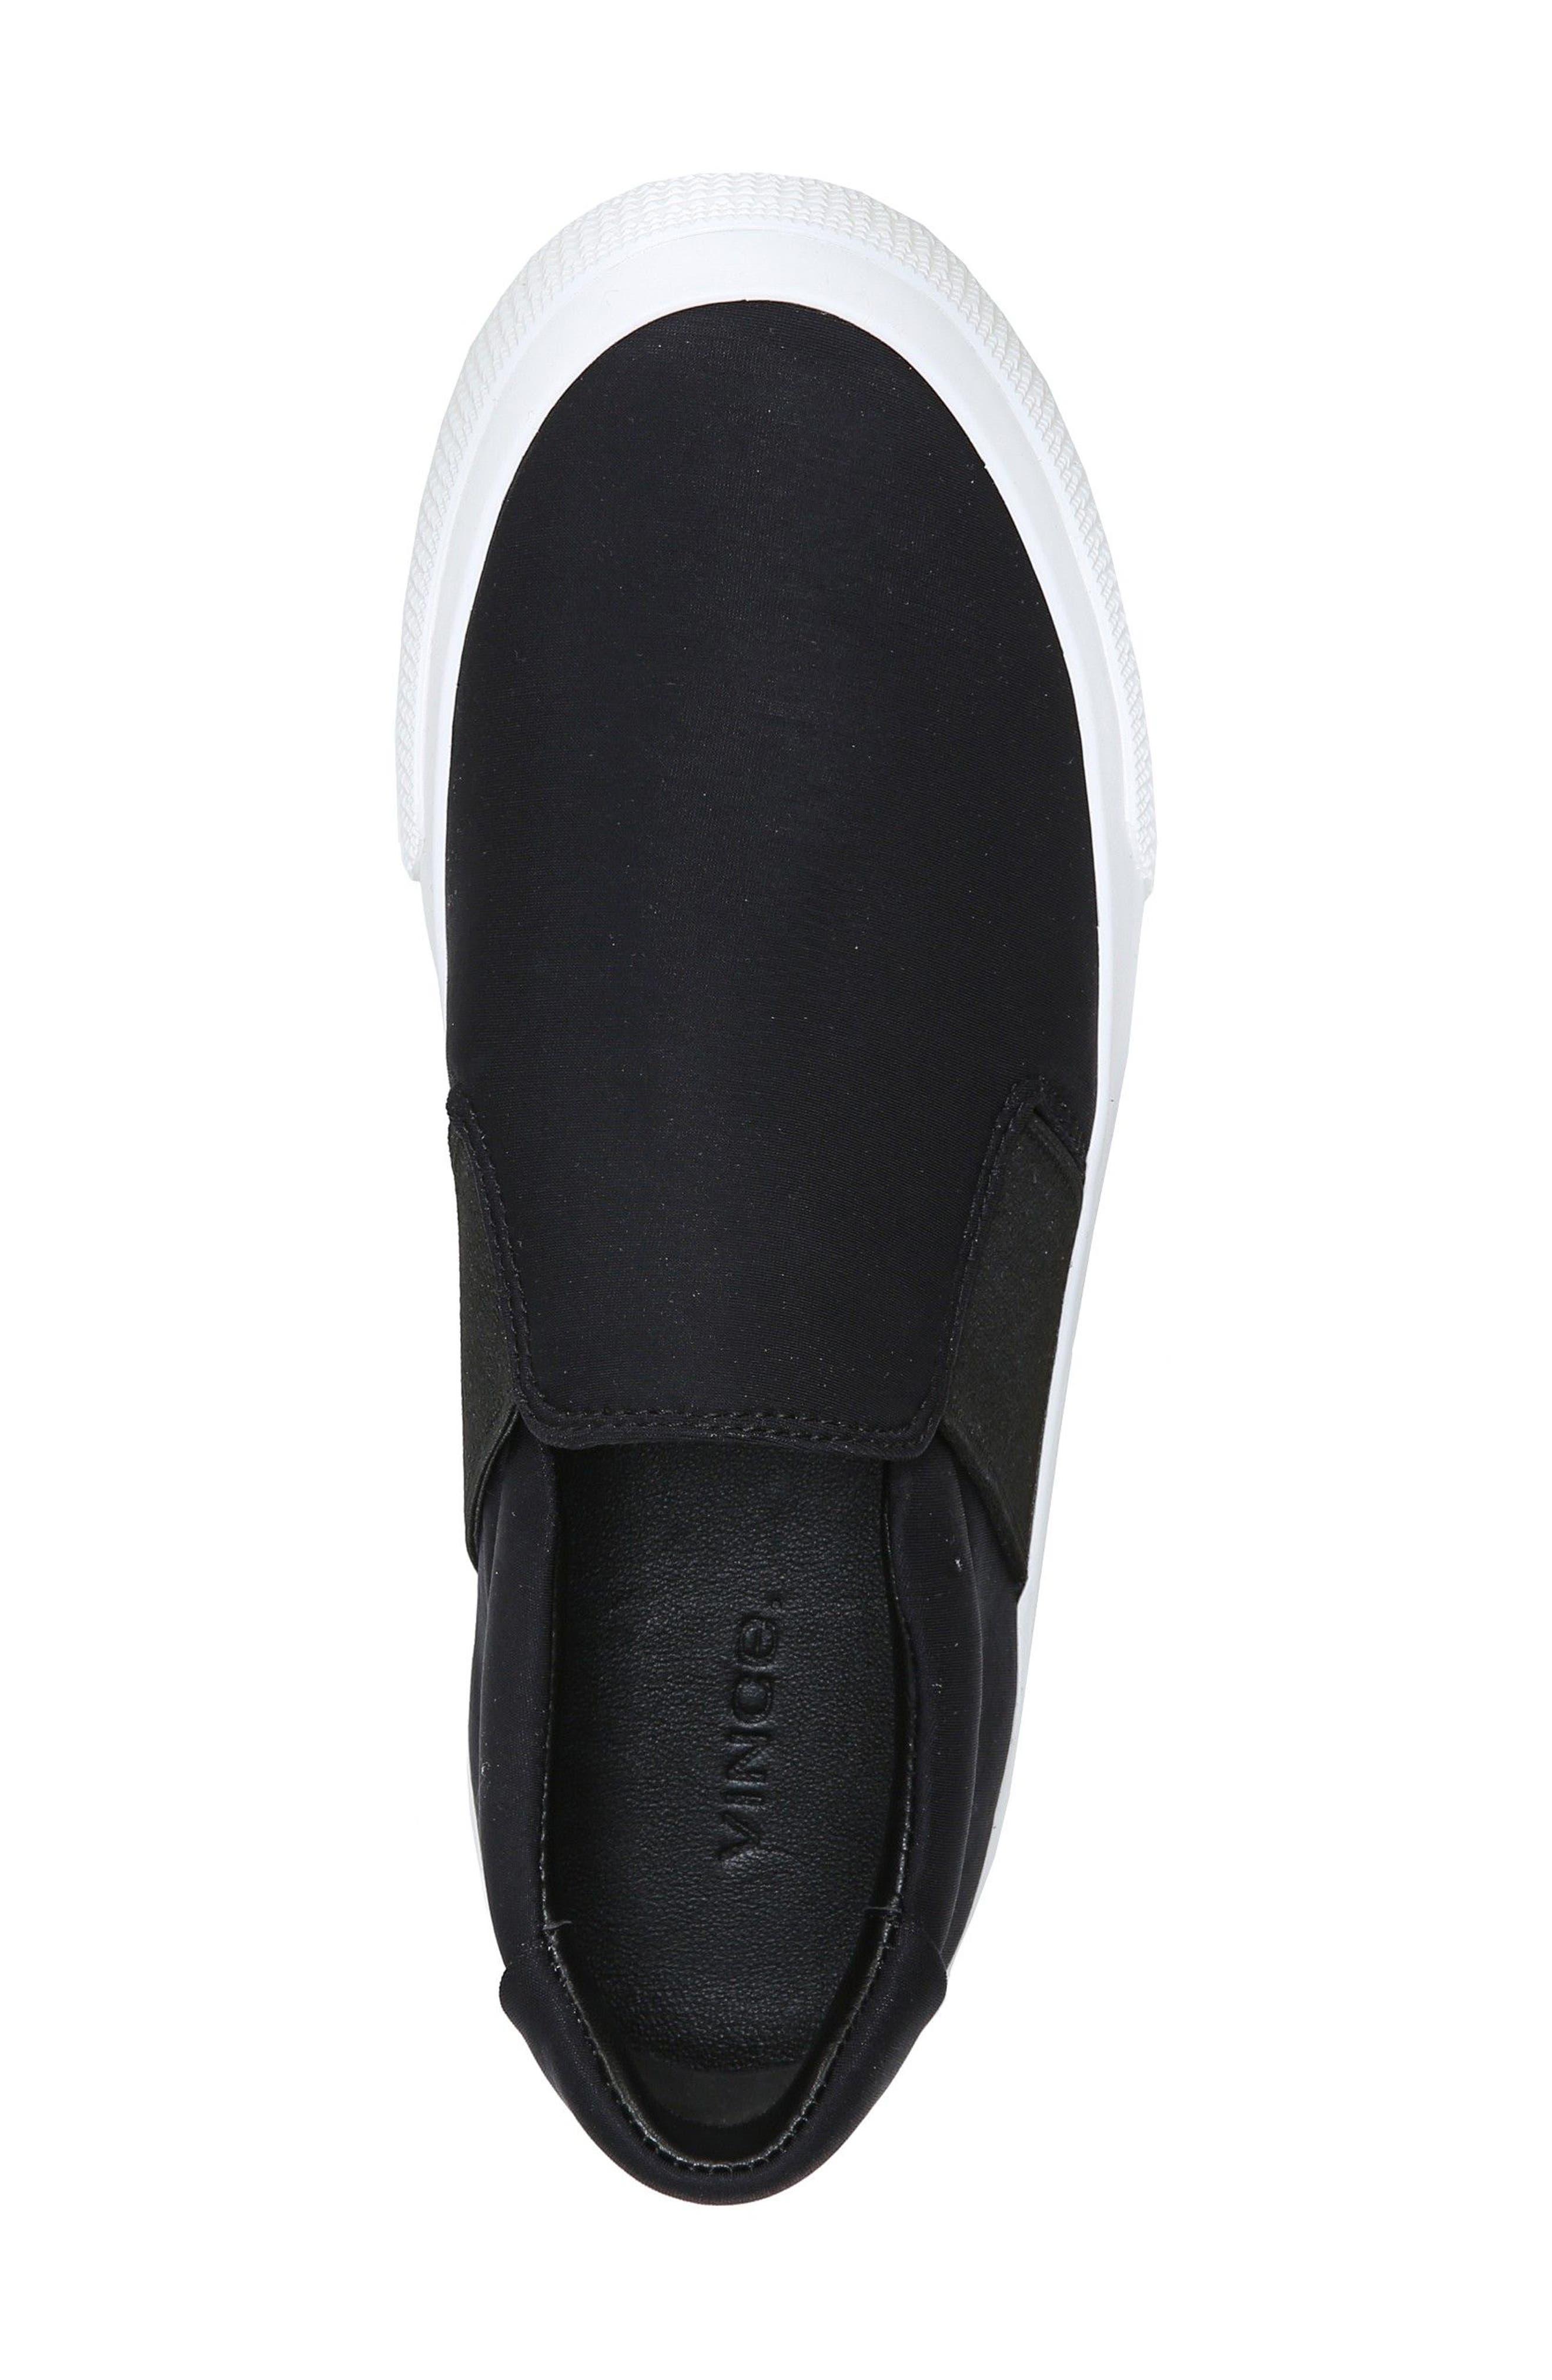 Torin Slip-On Sneaker,                             Alternate thumbnail 5, color,                             Black